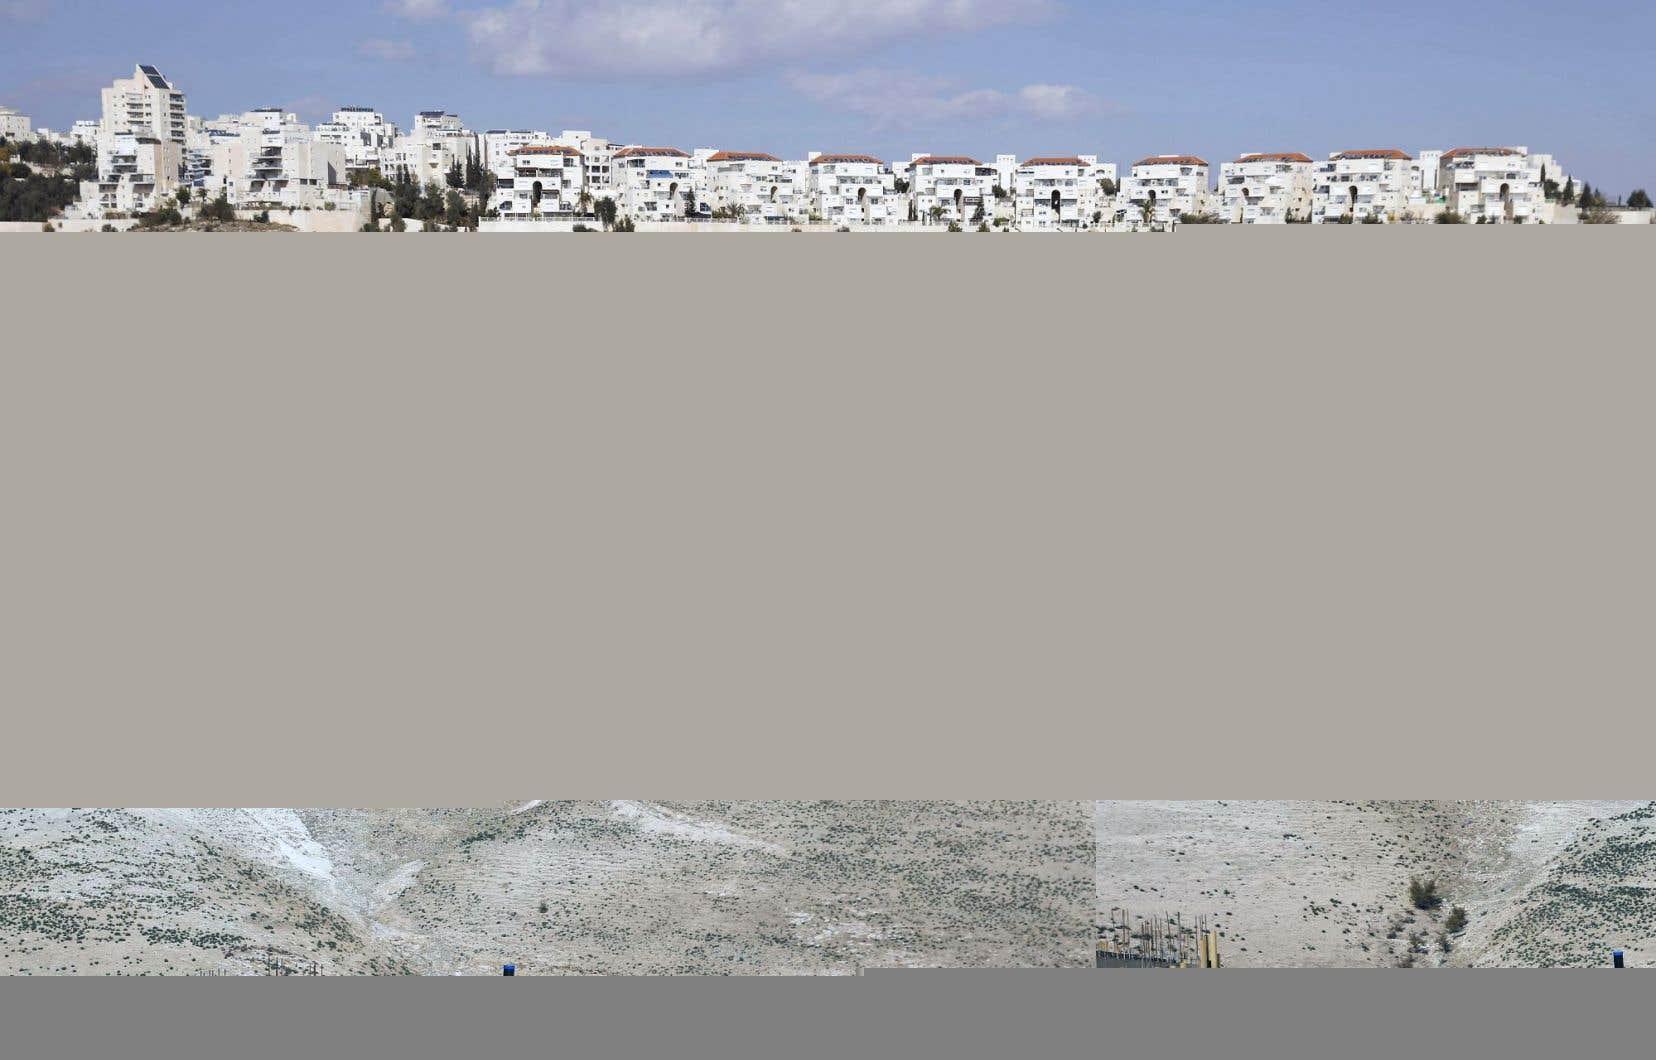 Des travailleurs palestiniens s'affairaient sur le chantier d'un projet immobilier dans une colonie israélienne, dimanche. La mairie israélienne de Jérusalem prévoit construire des centaines d'autres logements dans des quartiers de colonisation.